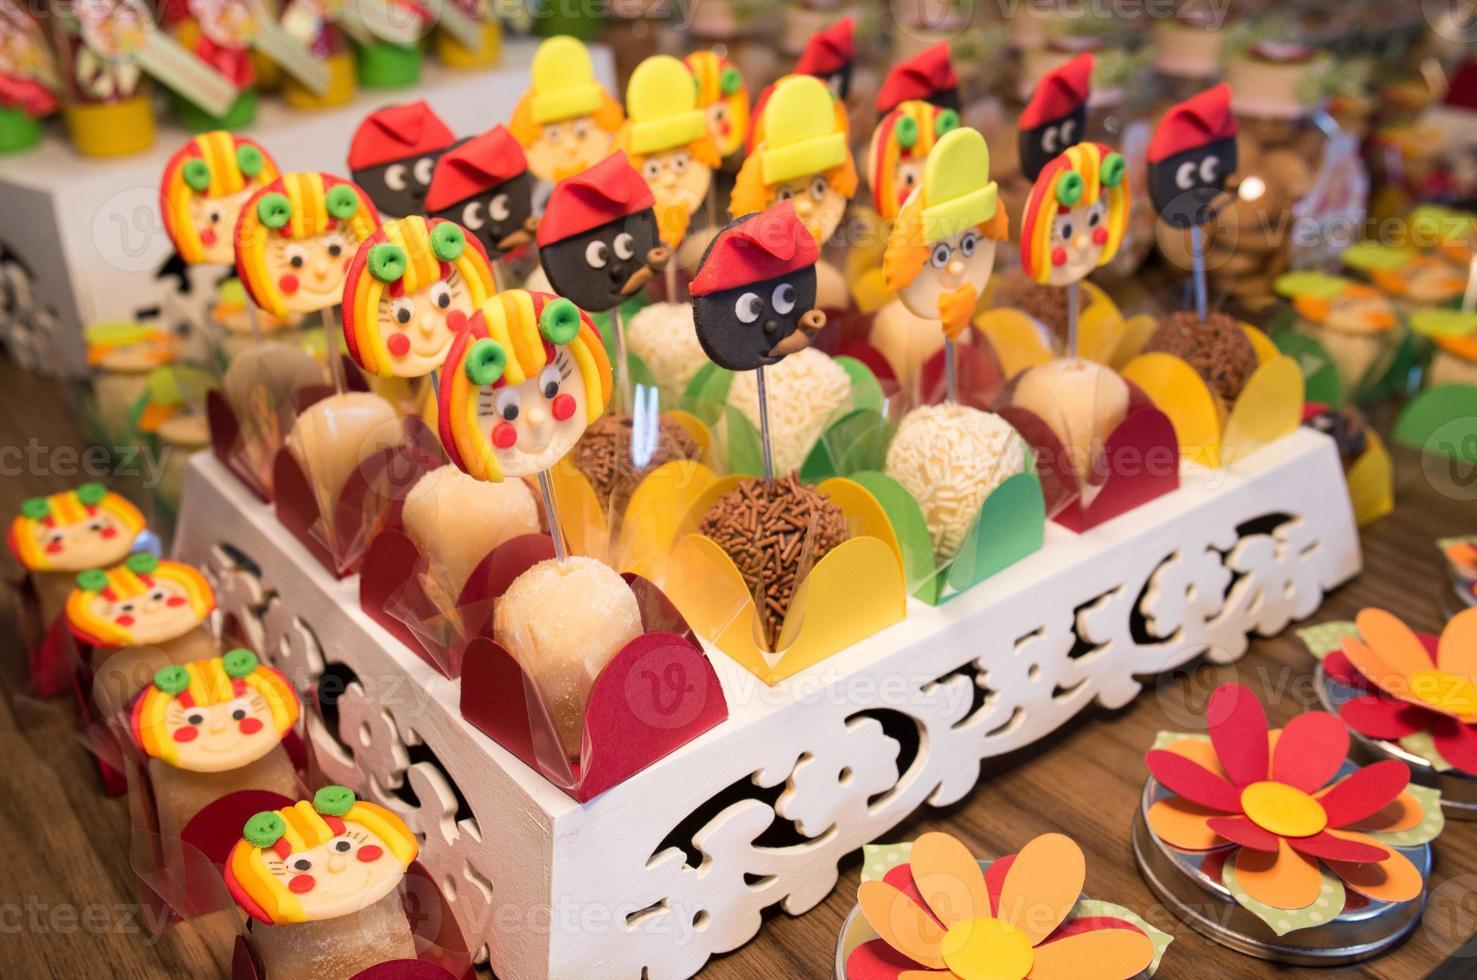 doces coloridos para festa de aniversário de crianças foto